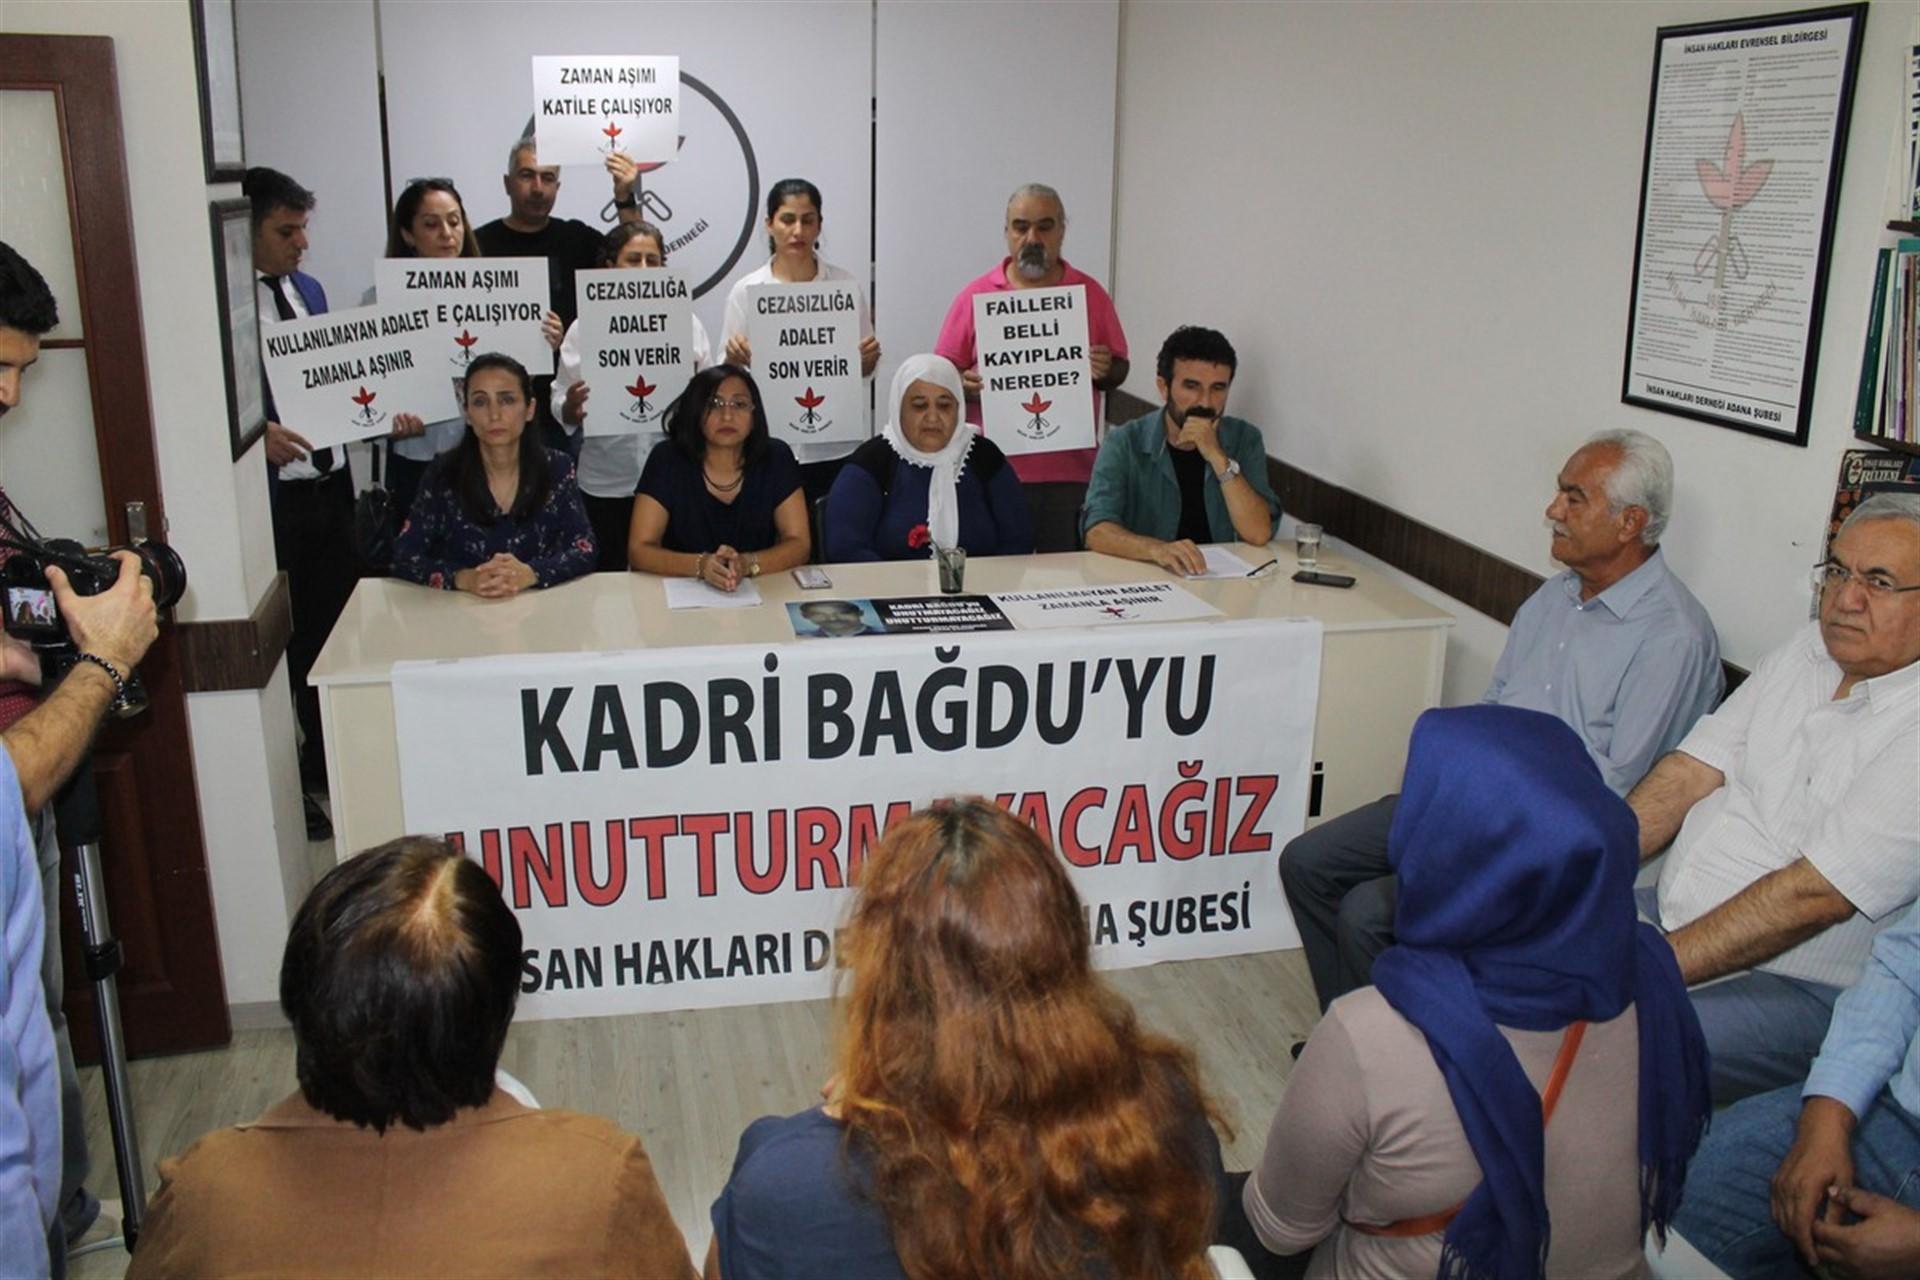 Adana'da öldürülen Azadiya Welat çalışanı Kadri Bağdu anıldı